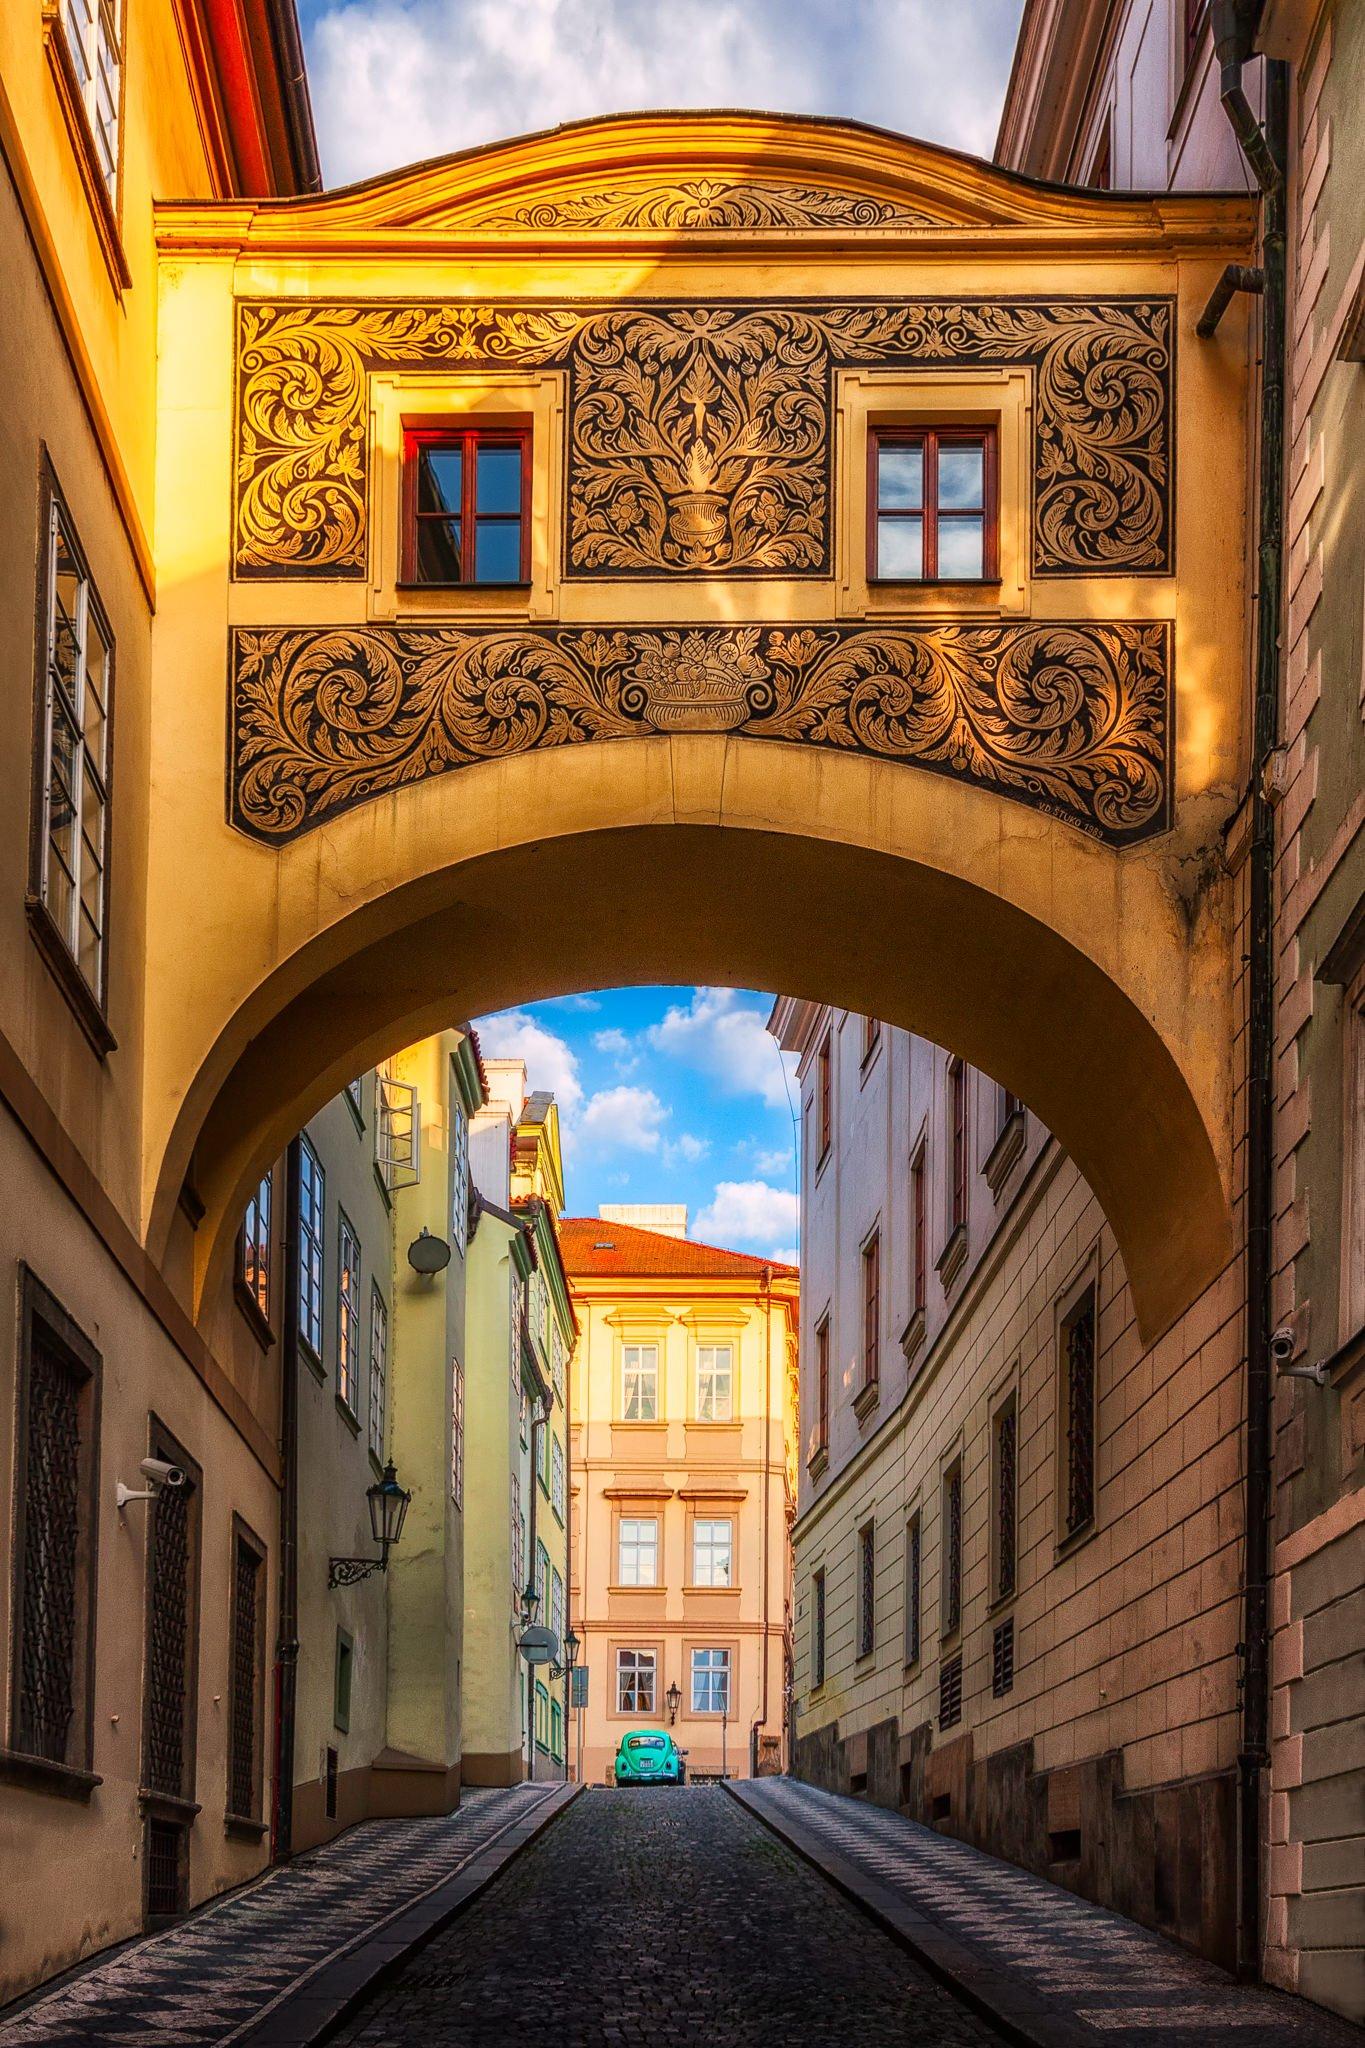 Tagesbild einer wunderschön gepflasterten Straße in der Malá-Gegend, Prag.